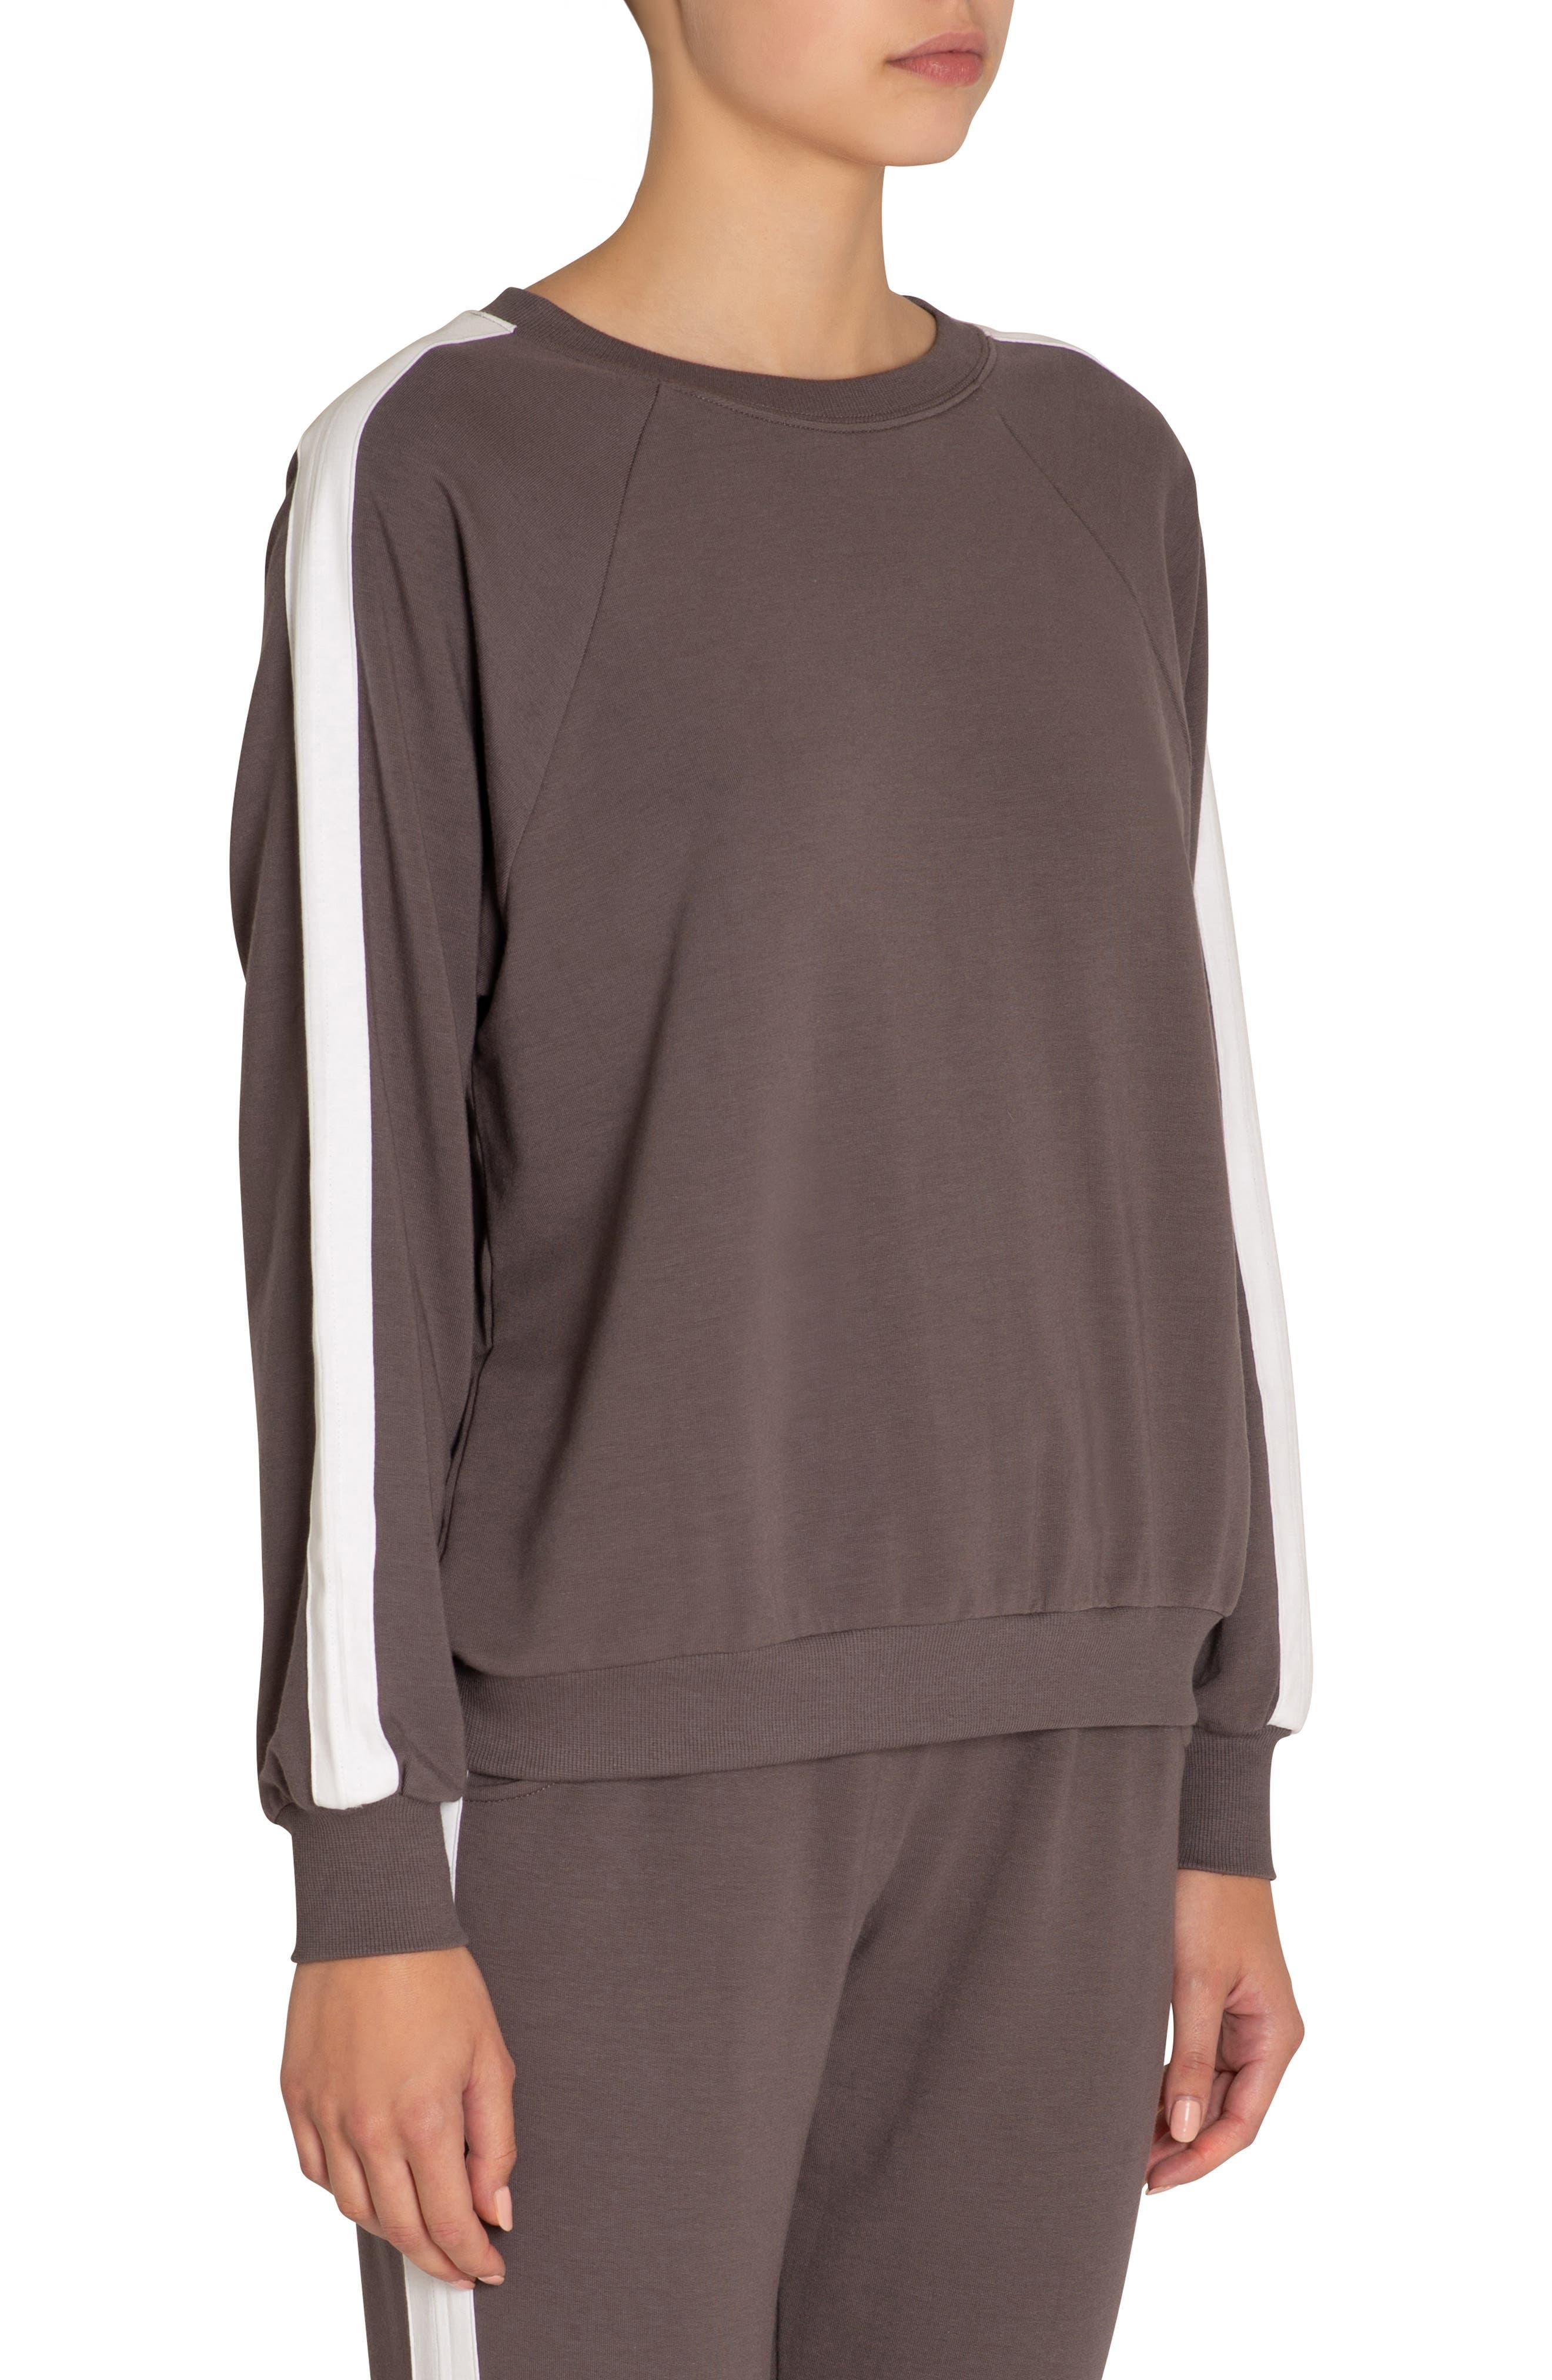 Eberjey Colby Sweatshirt, Grey